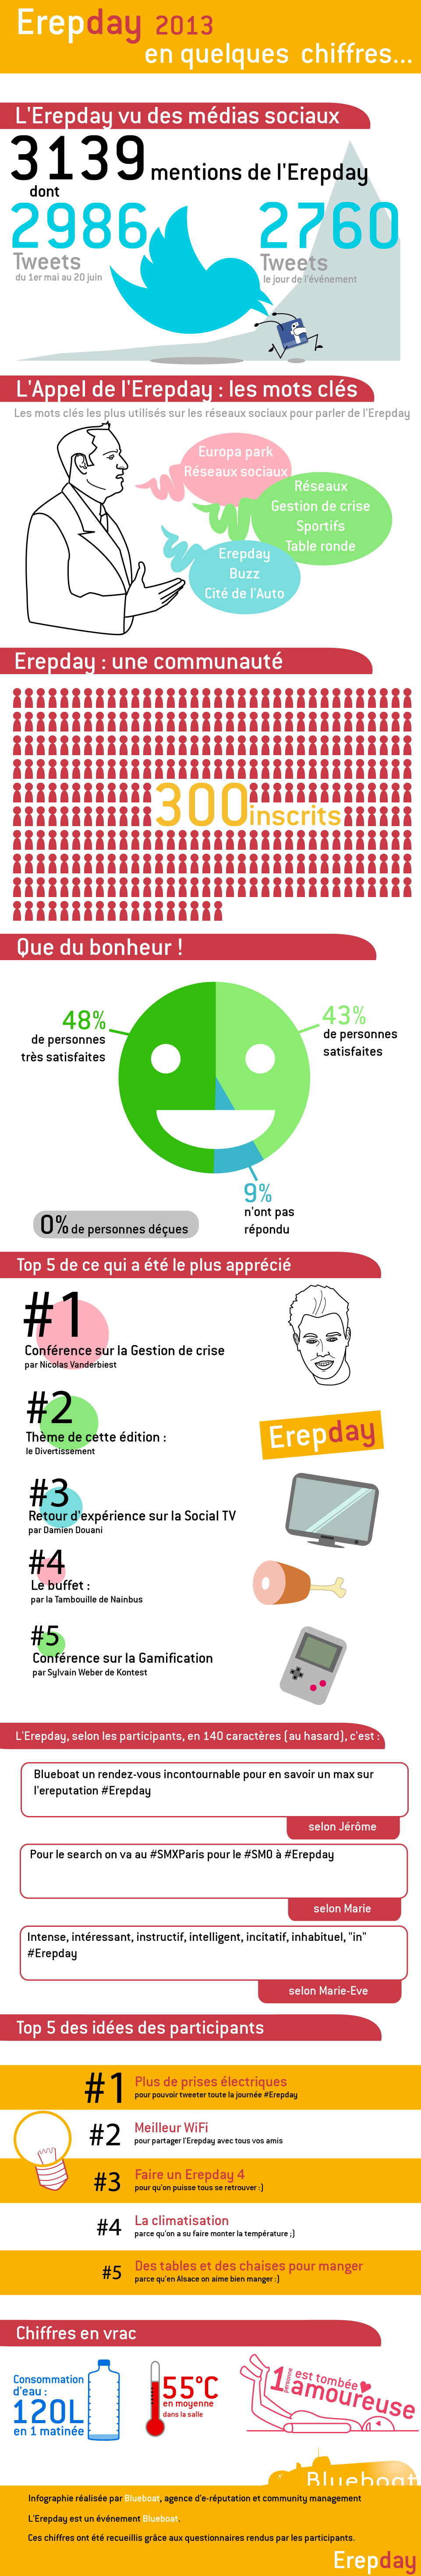 Infographie de l'Erepday 2013